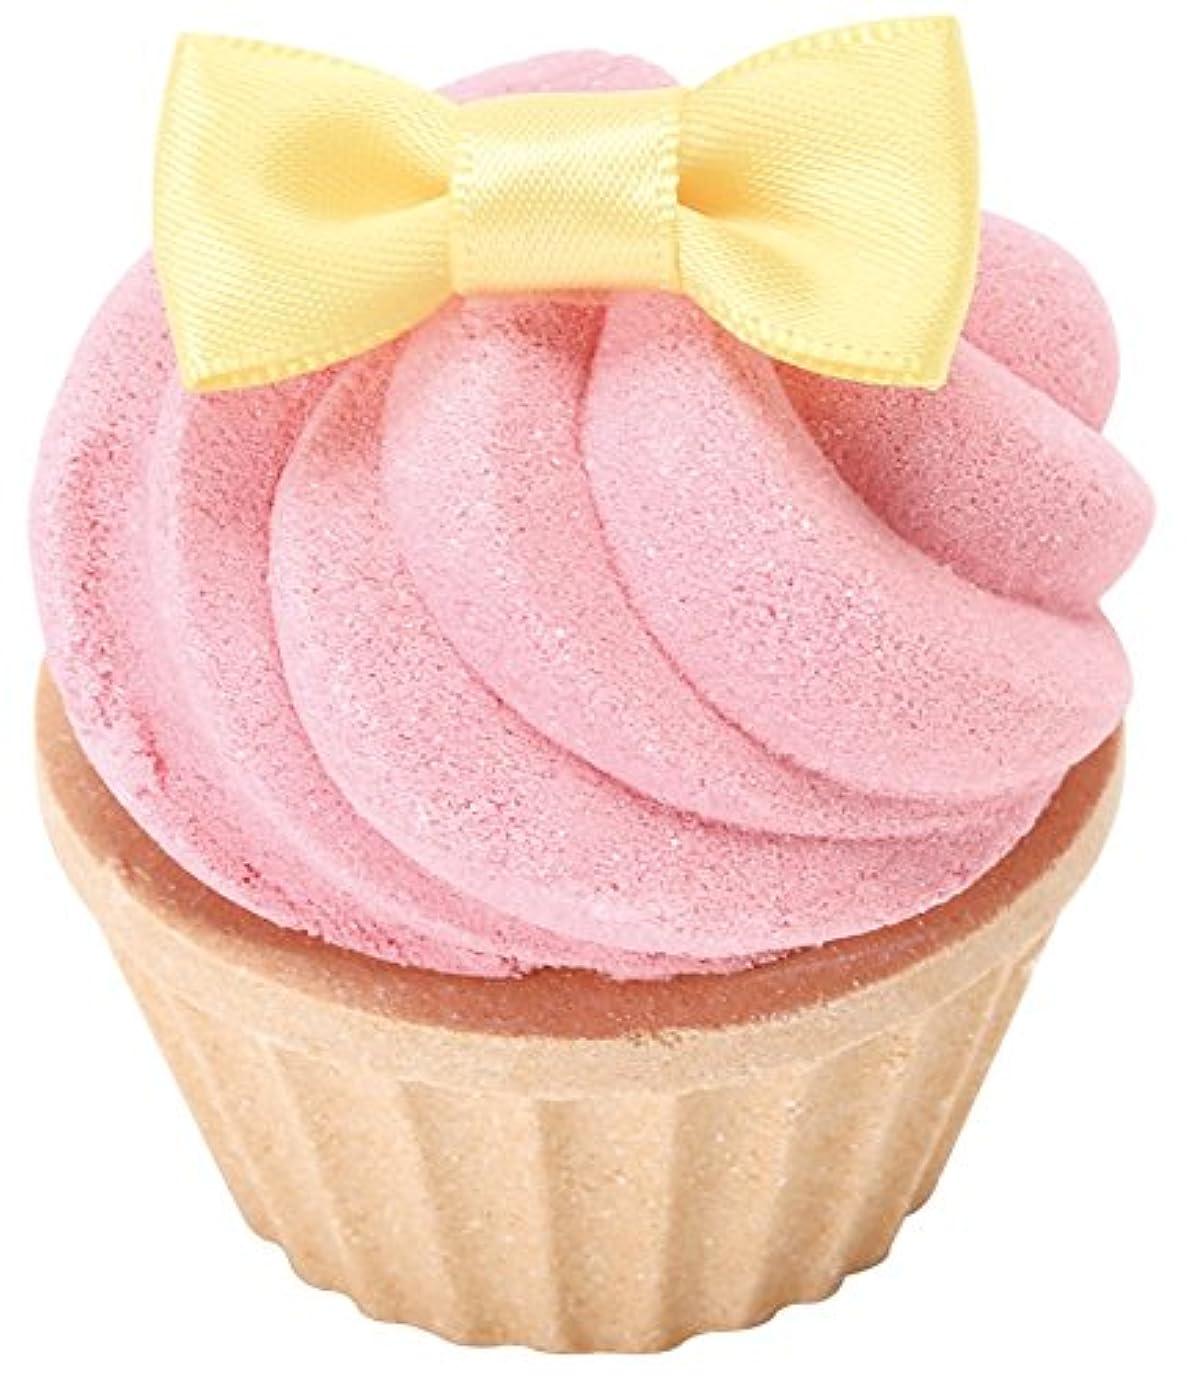 試す周波数加害者ノルコーポレーション お風呂用 芳香剤 おめかしカップケーキフィズ 60g ラズベリーの香り OB-SMM-14-1